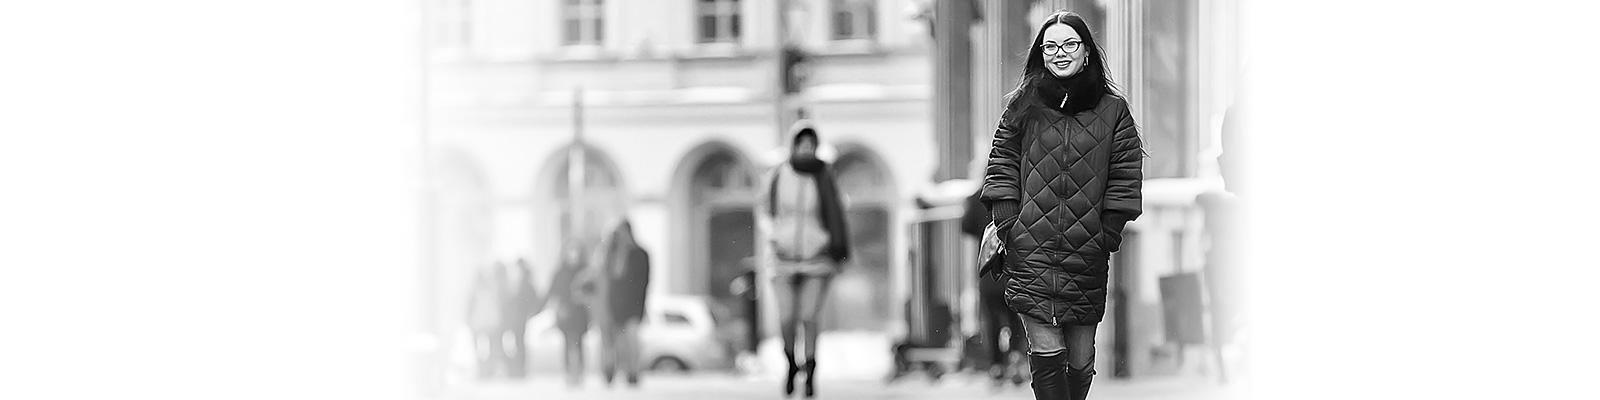 フィンランド 通勤 女性 イメージ